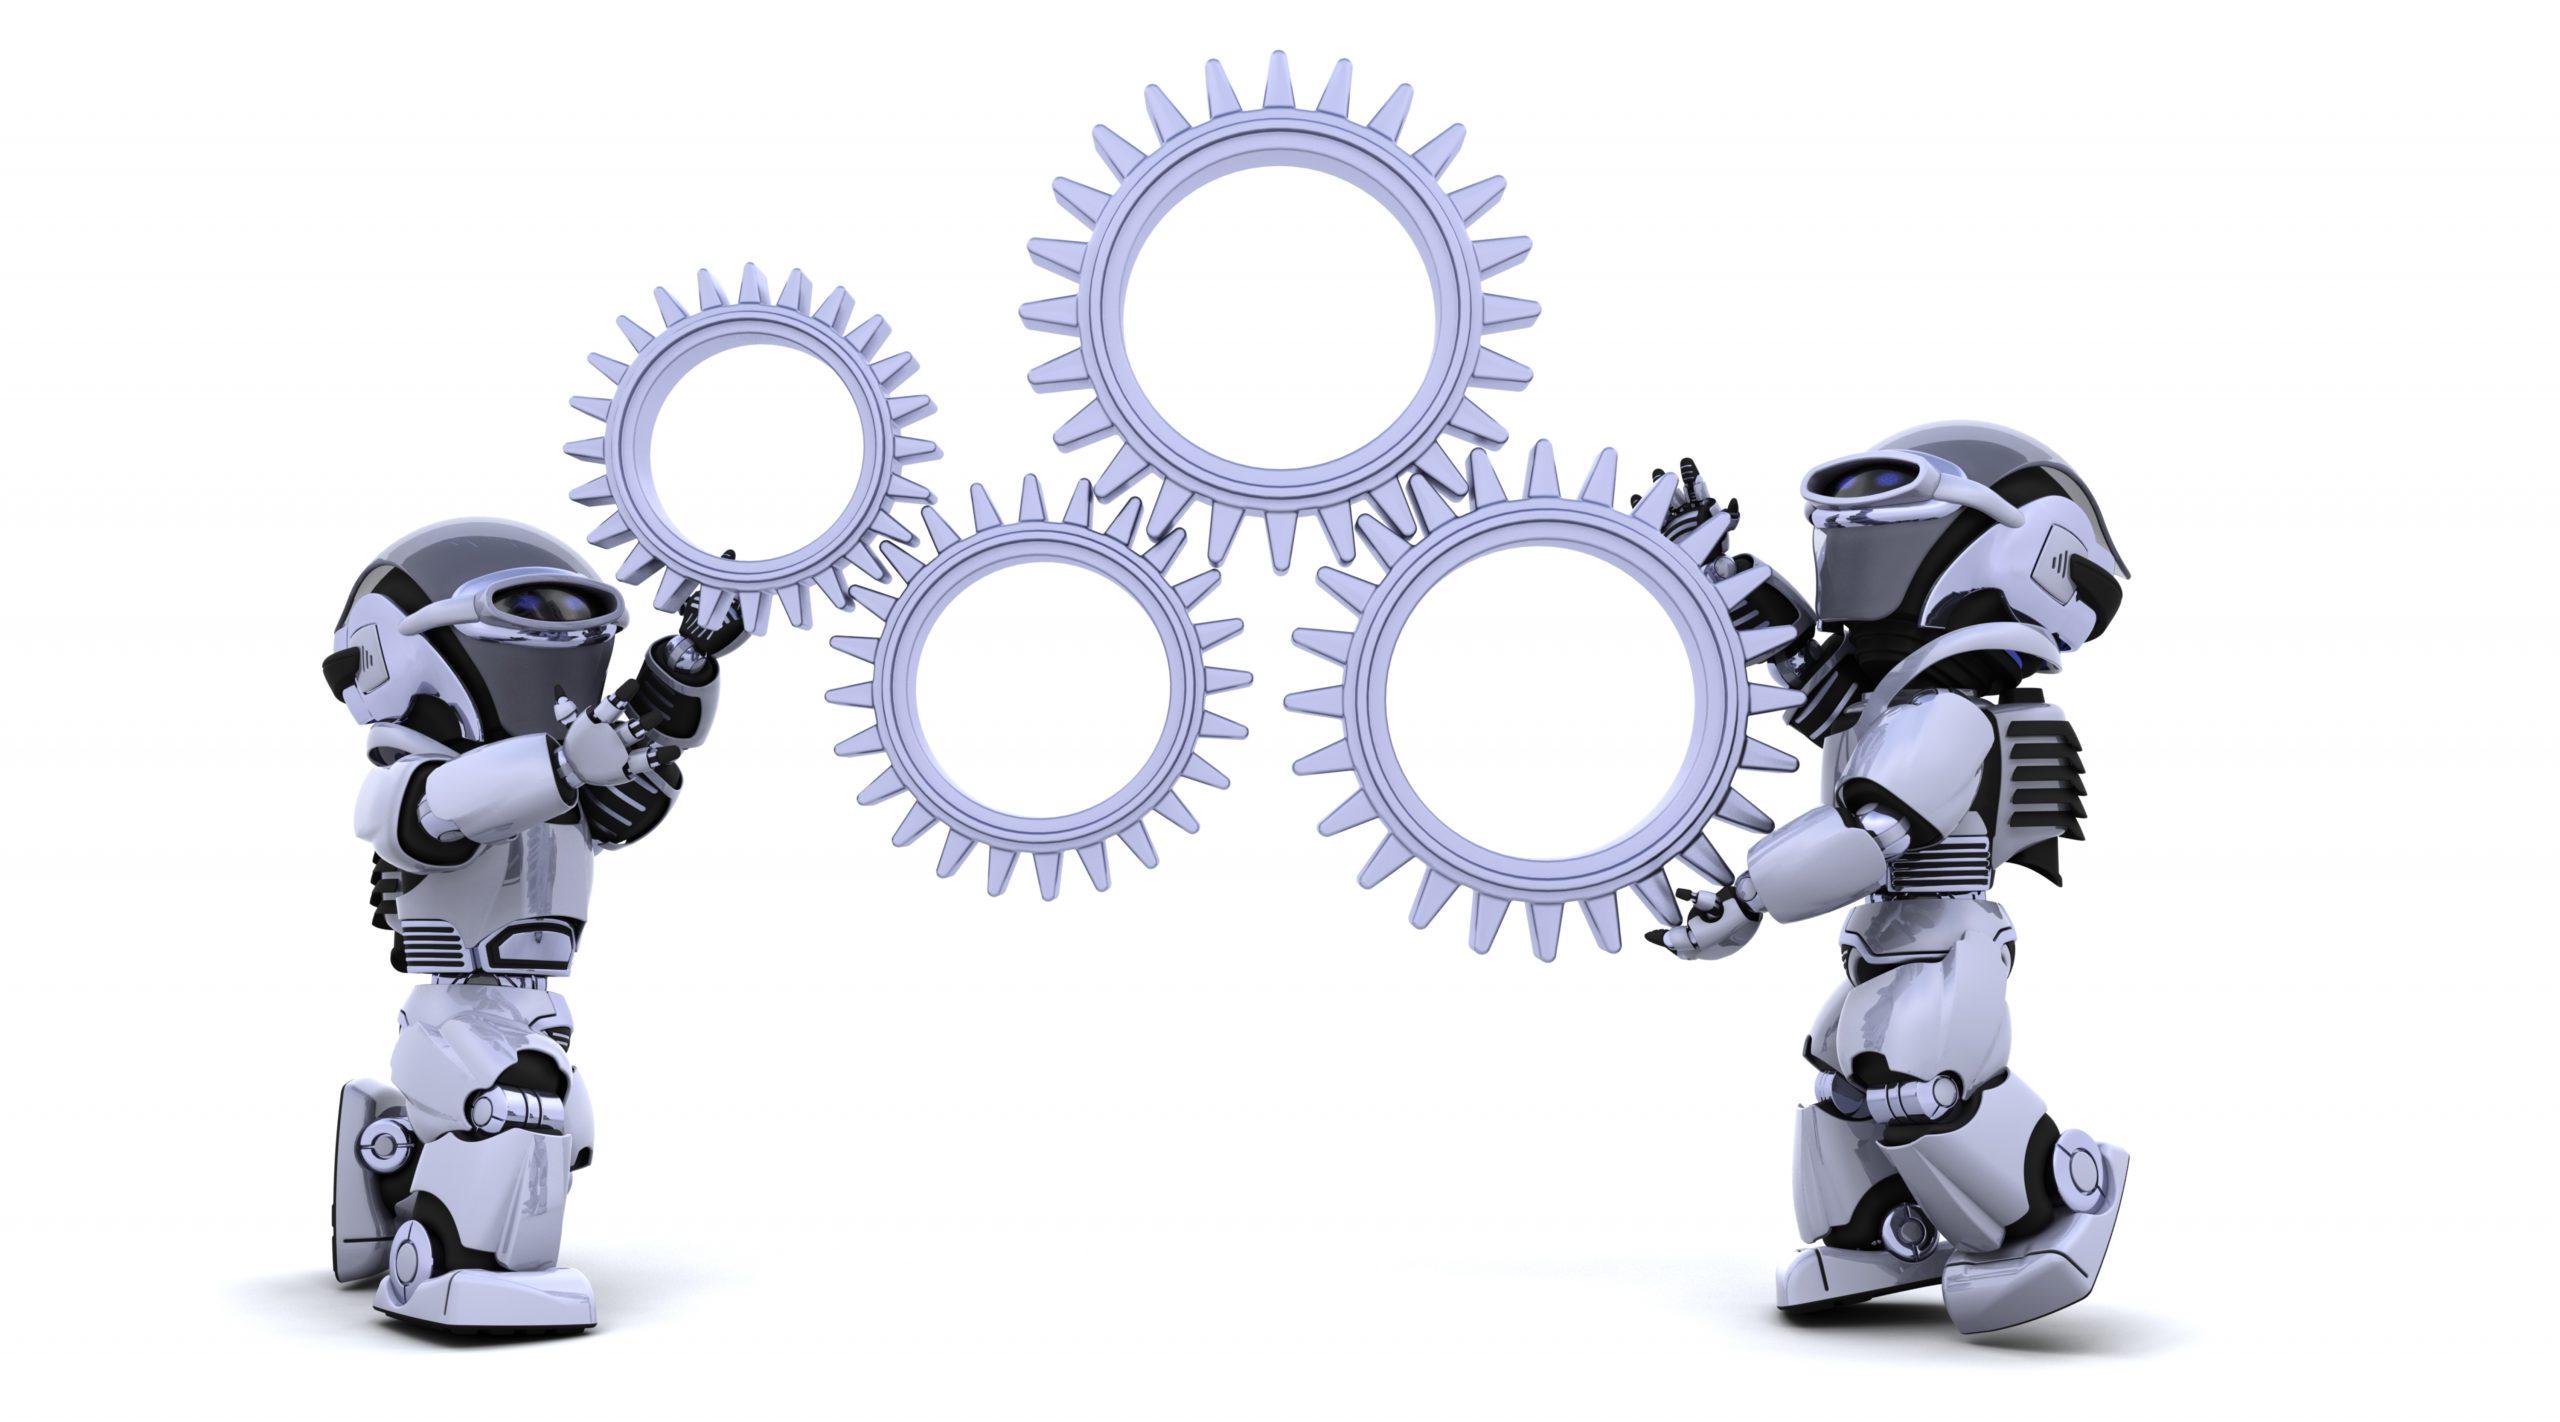 Tương lai rộng mở khi du học ngành Cơ khí-Điện tử